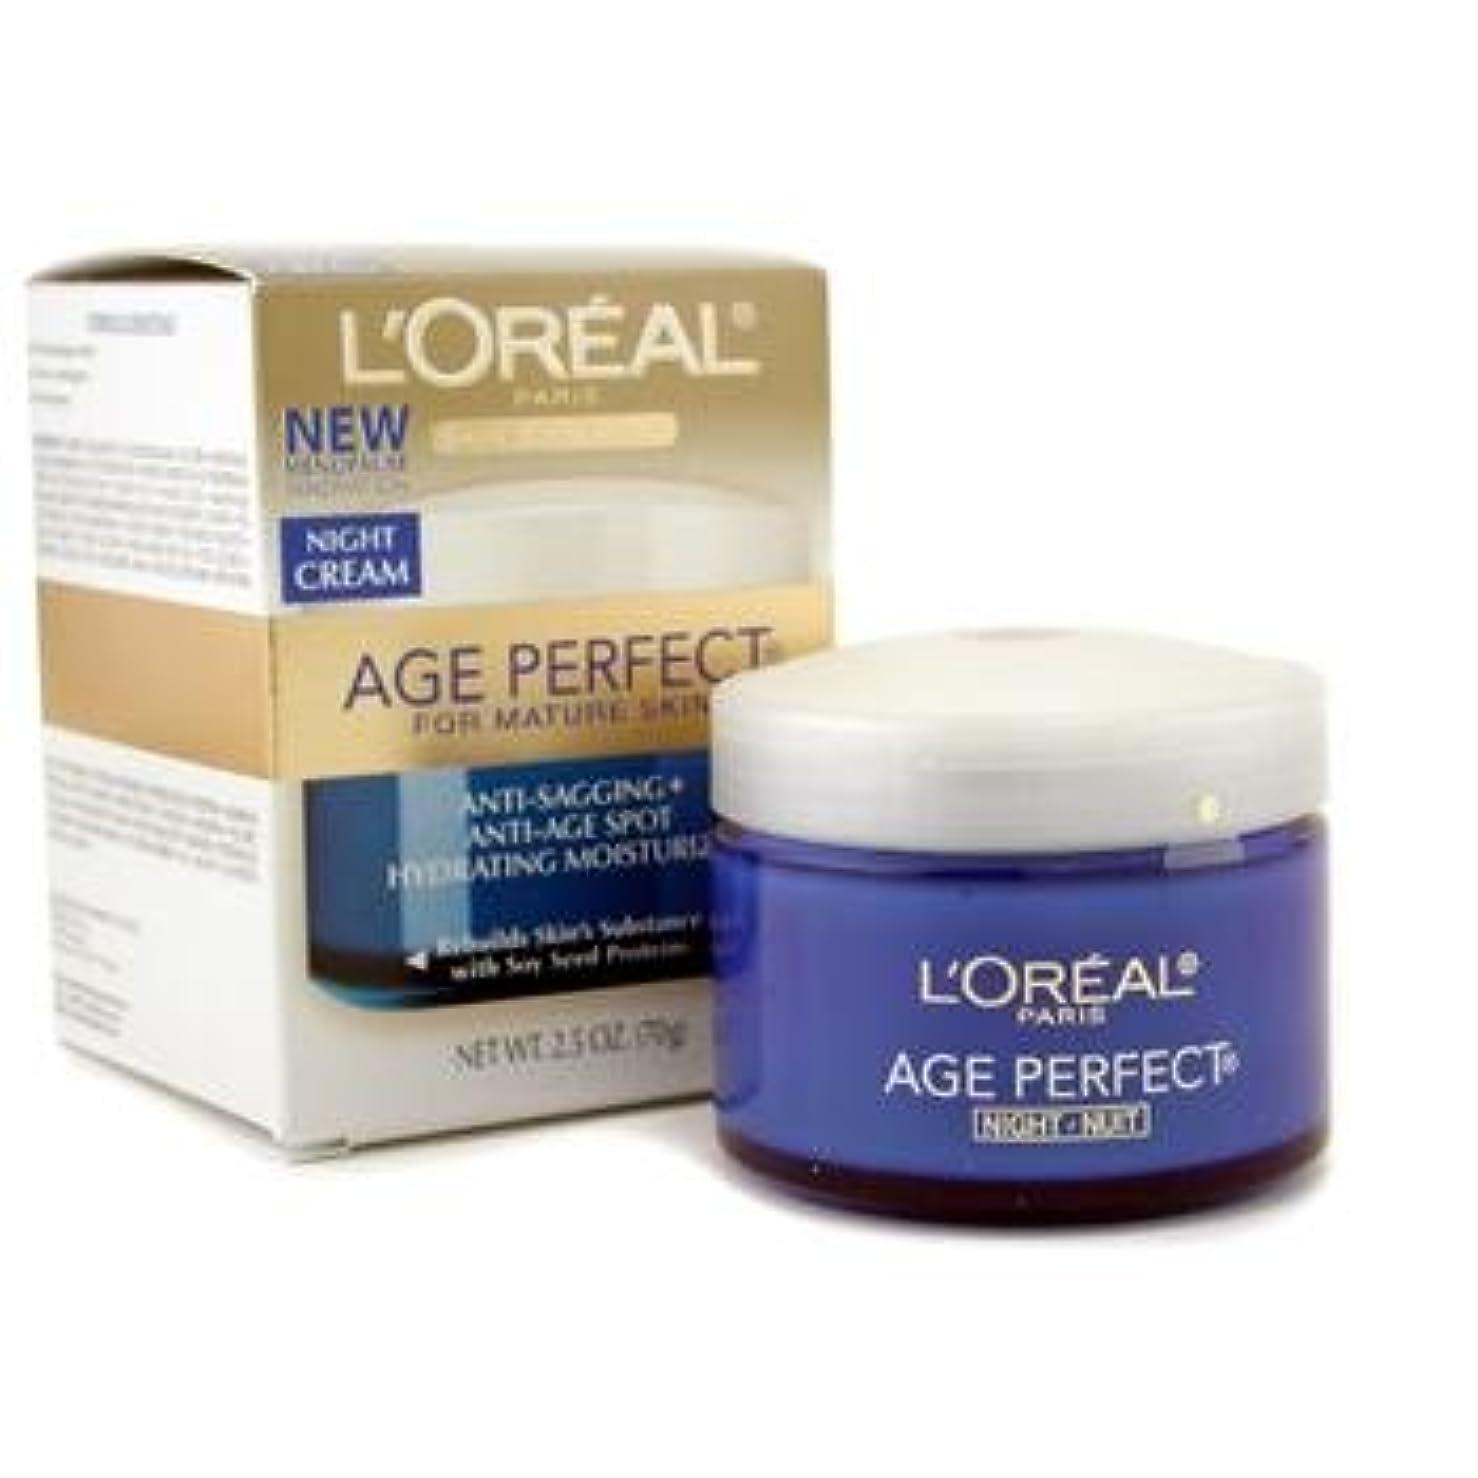 電話をかける動機きょうだい[LOreal] Skin Expertise Age Perfect Night Cream ( For Mature Skin ) 70g/2.5oz